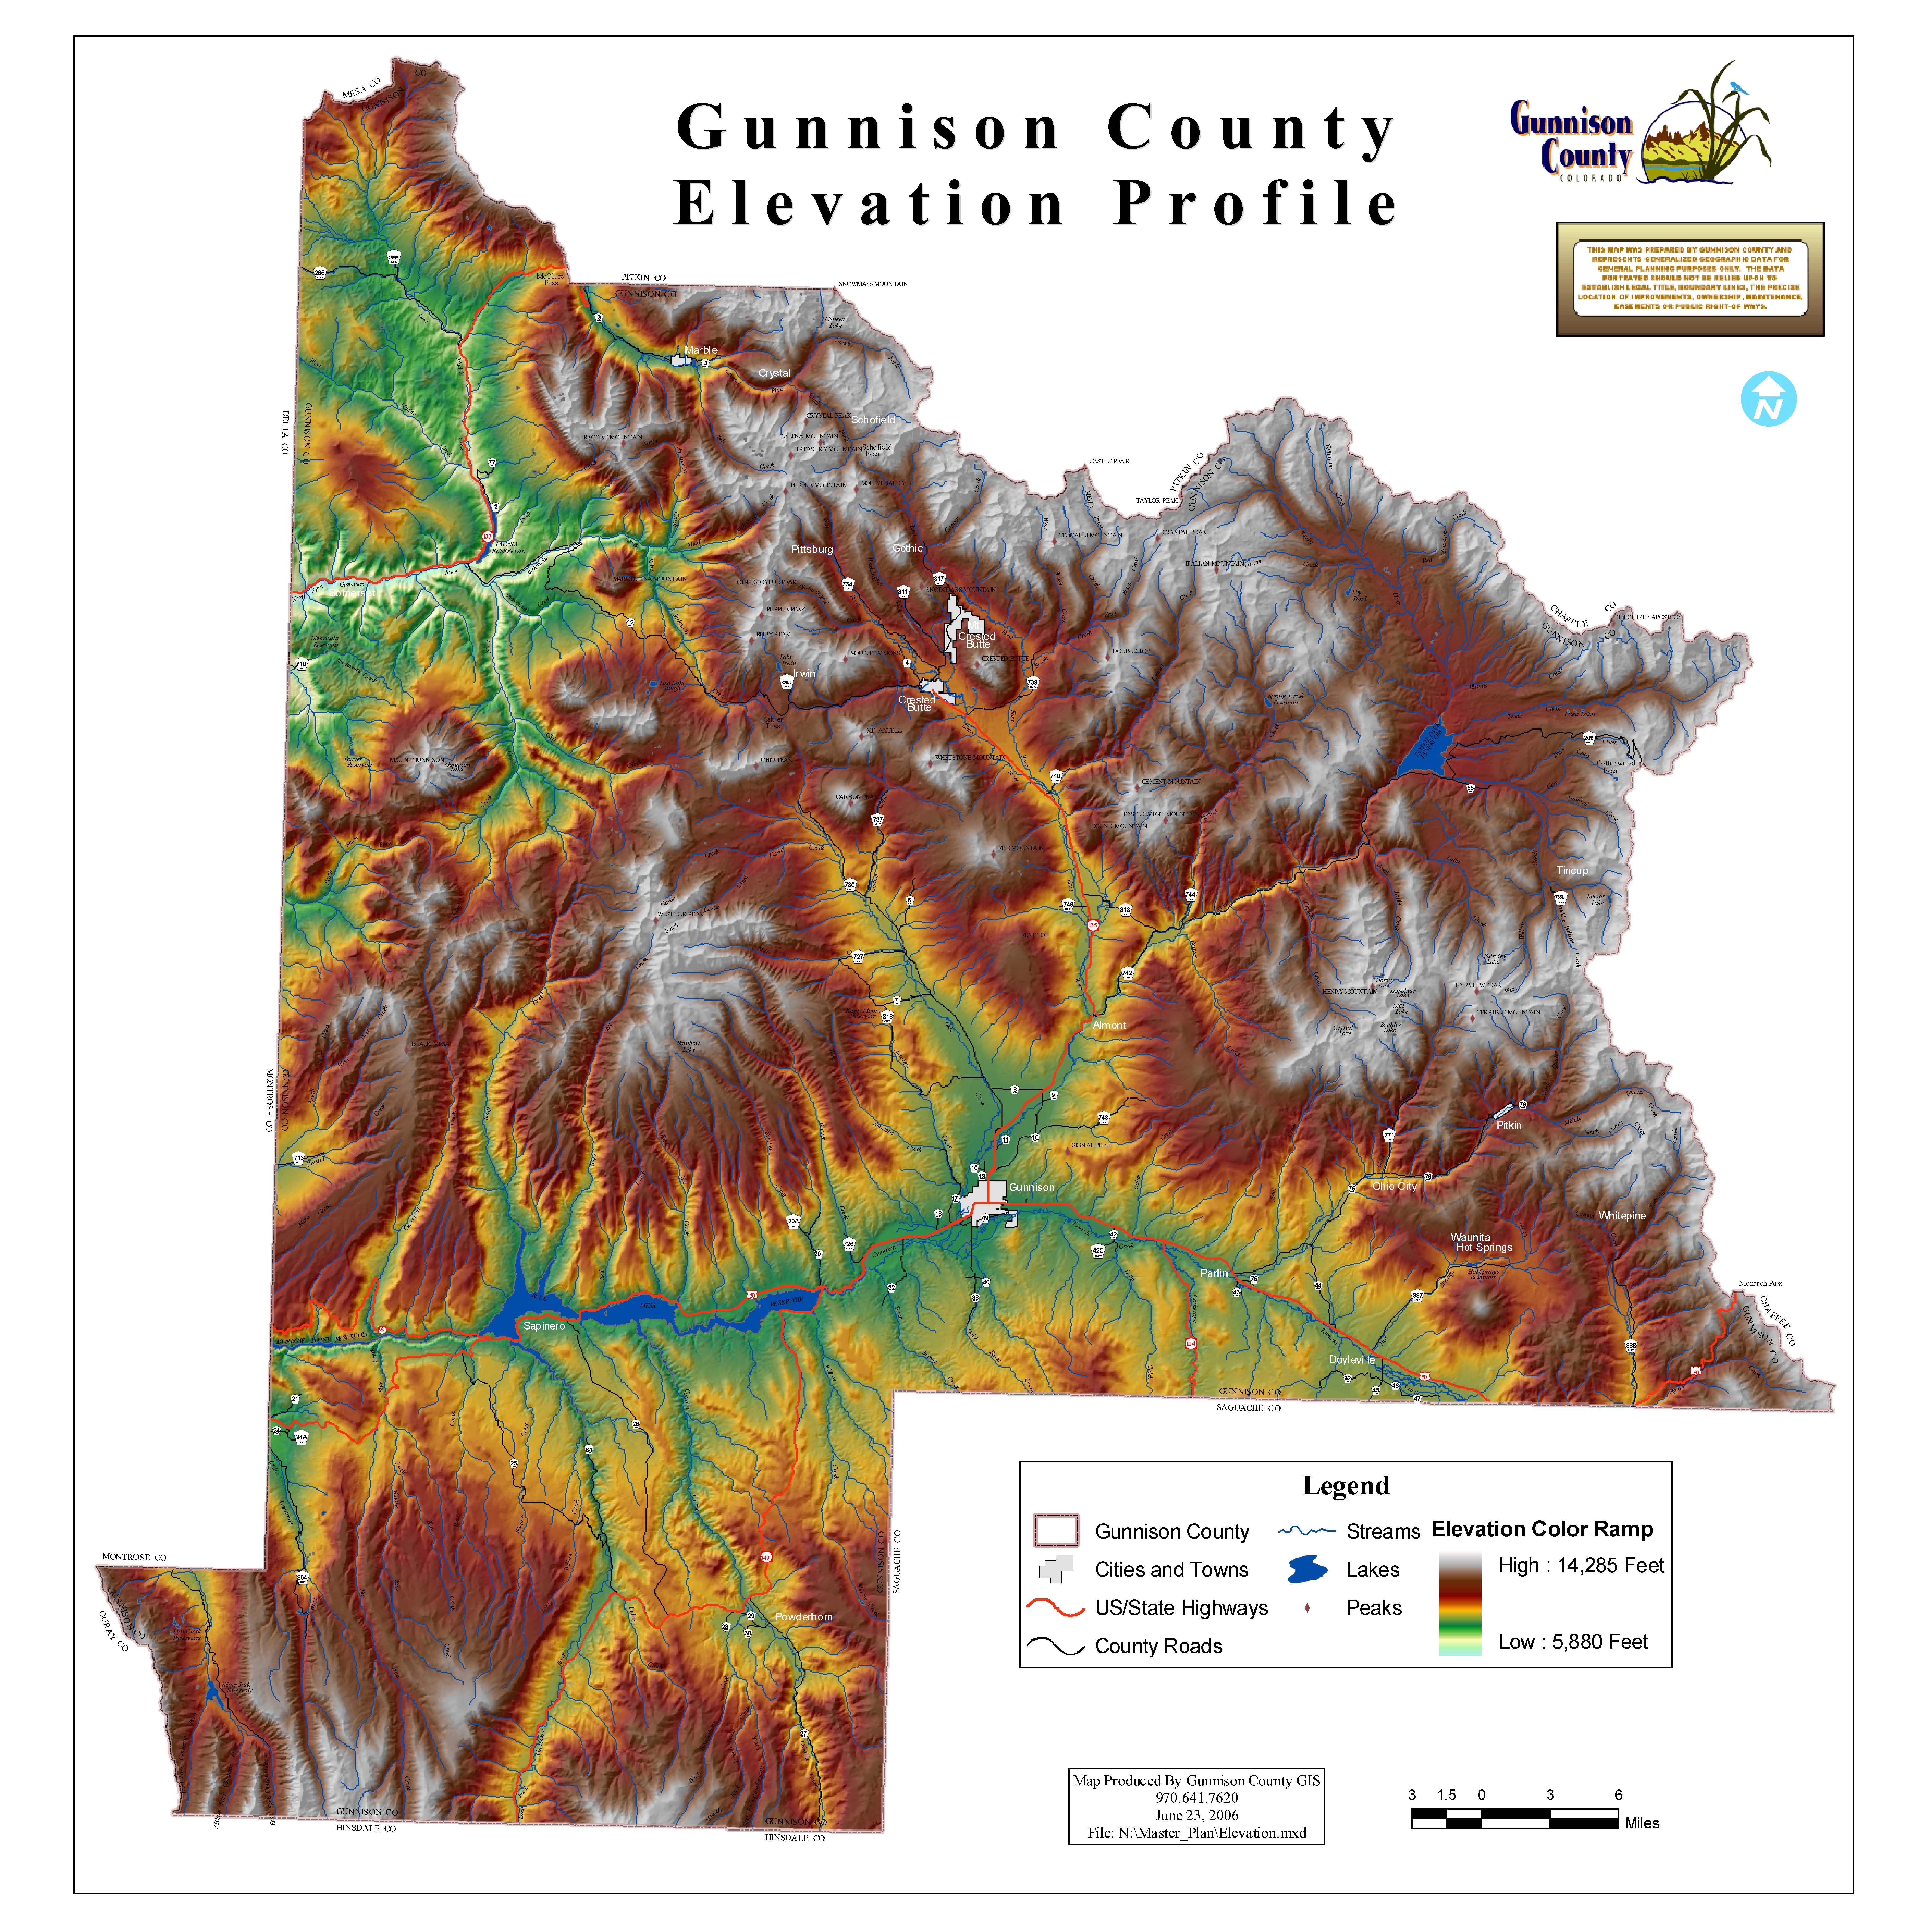 Gunnison County Colorado Map.Gunnison County Elevation Profile Map Colorado Counties